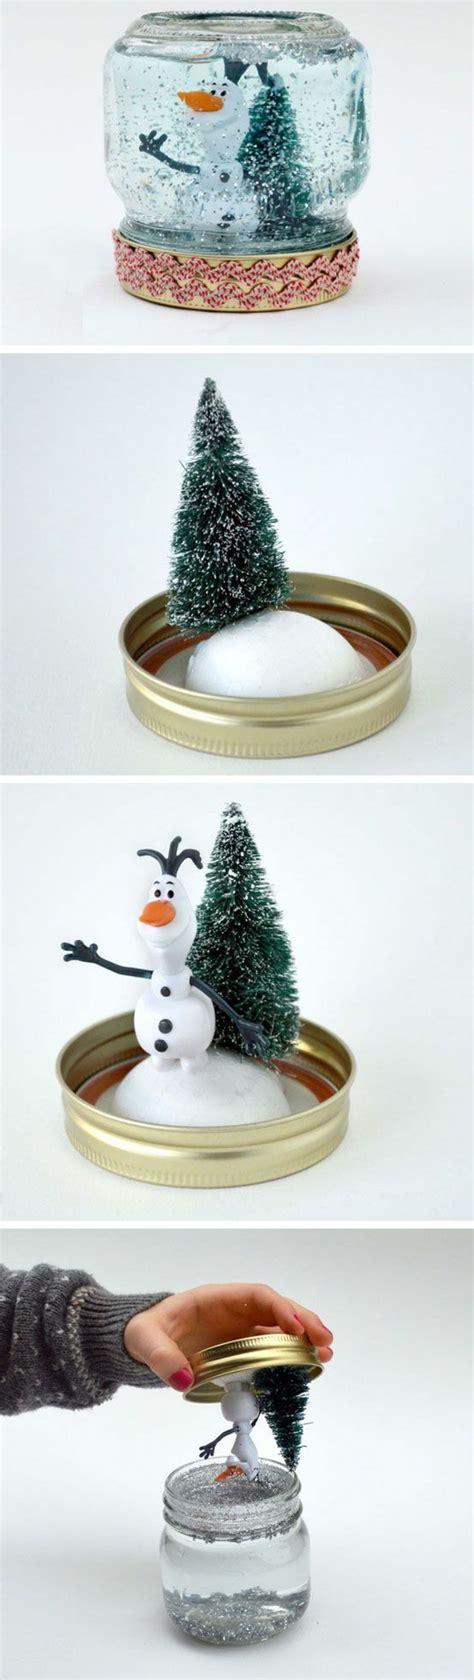 Weihnachtsdeko Selbst Machen by Schneekugel Selber Machen Diy Weihnachten